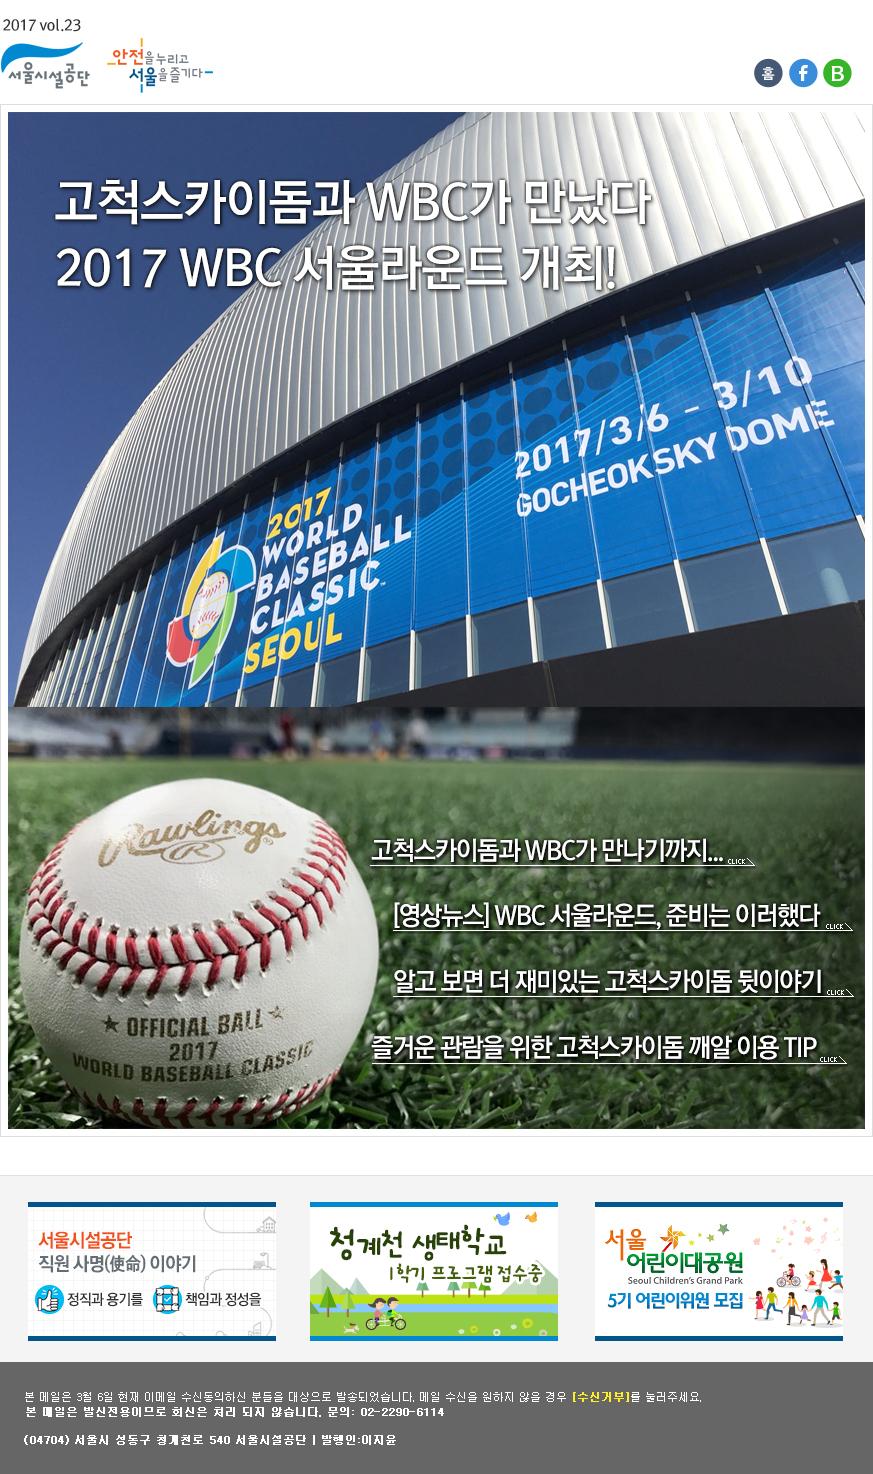 서울시설관리공단 2017 vol.23